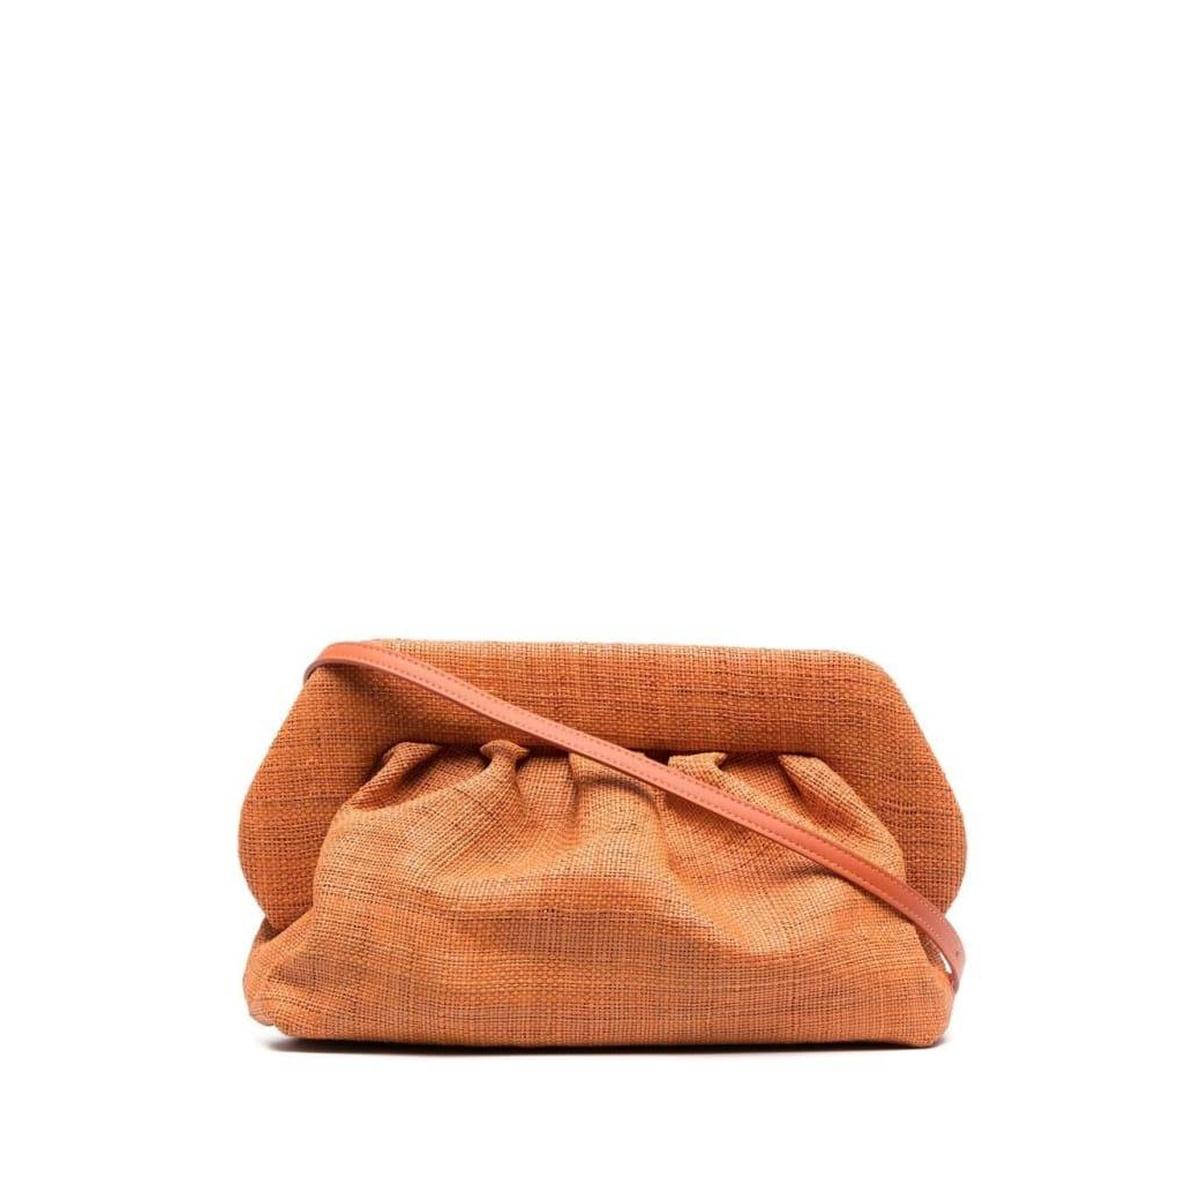 红色草编包 包税代购Themoirè女Bios 杏红色天然拉菲草编织手包2021新款包包_推荐淘宝好看的红色草编包